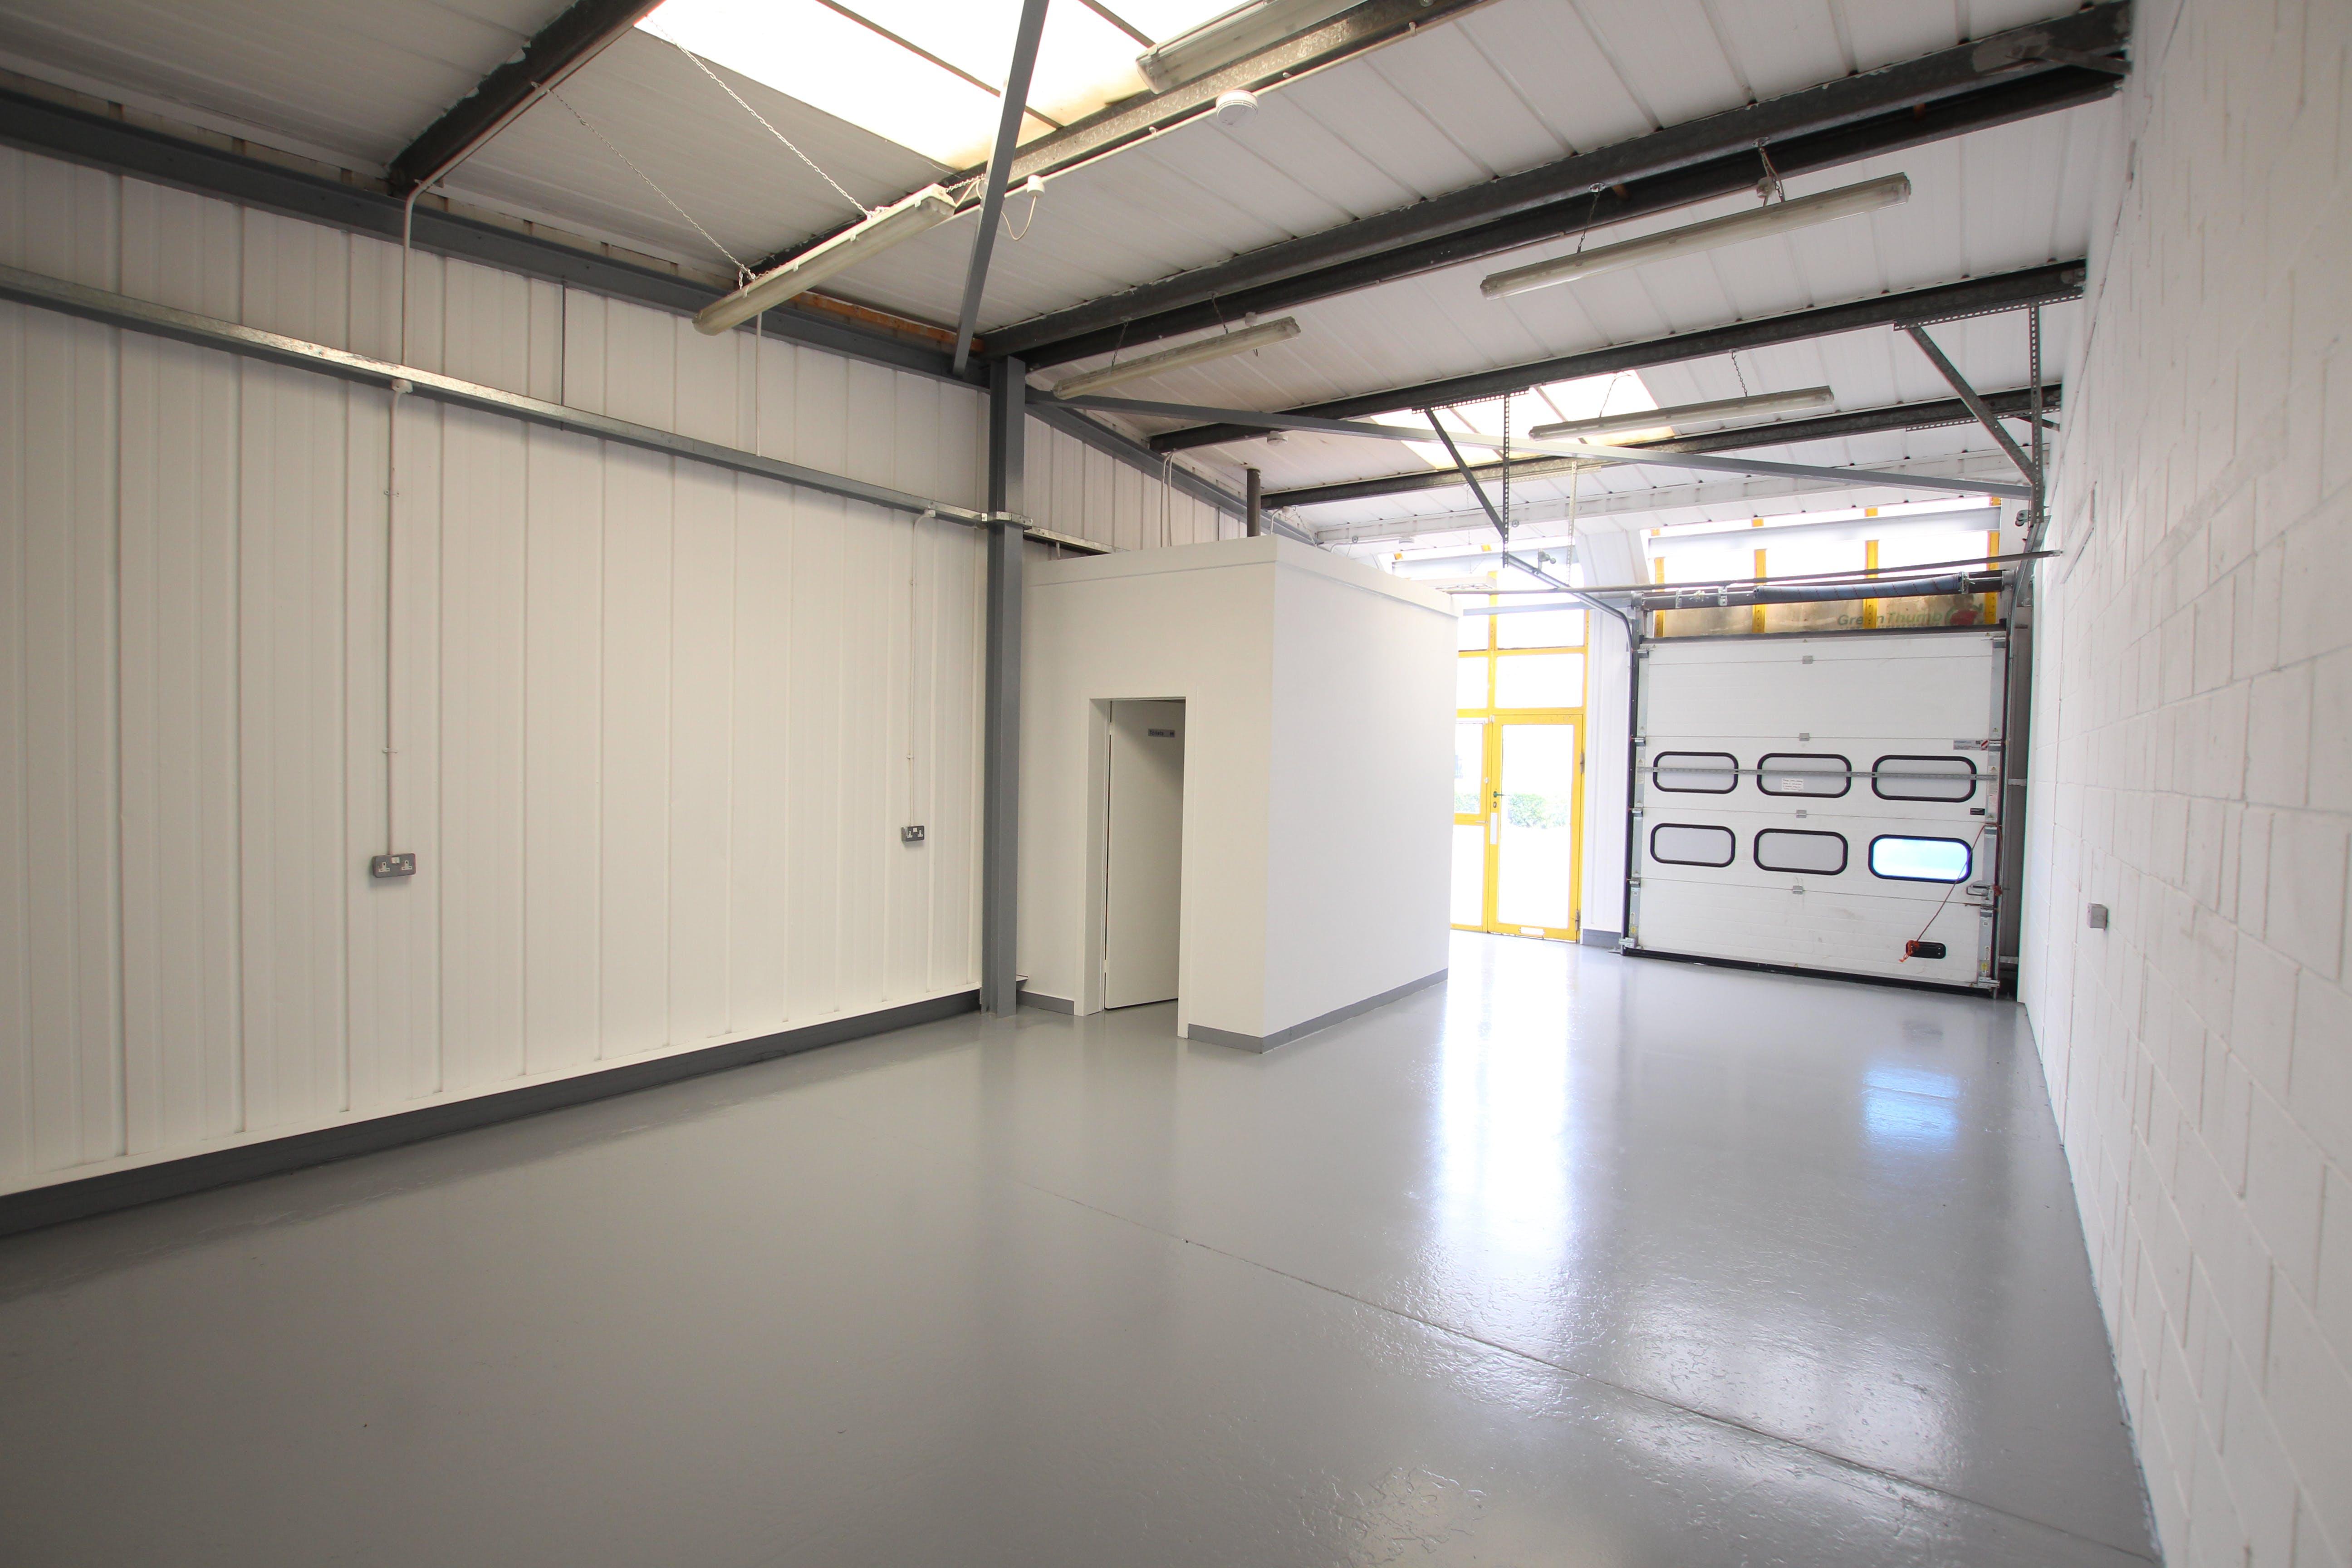 19 Enterprise Estate, Station Road West, Aldershot, Warehouse & Industrial To Let - IMG_9843.JPG